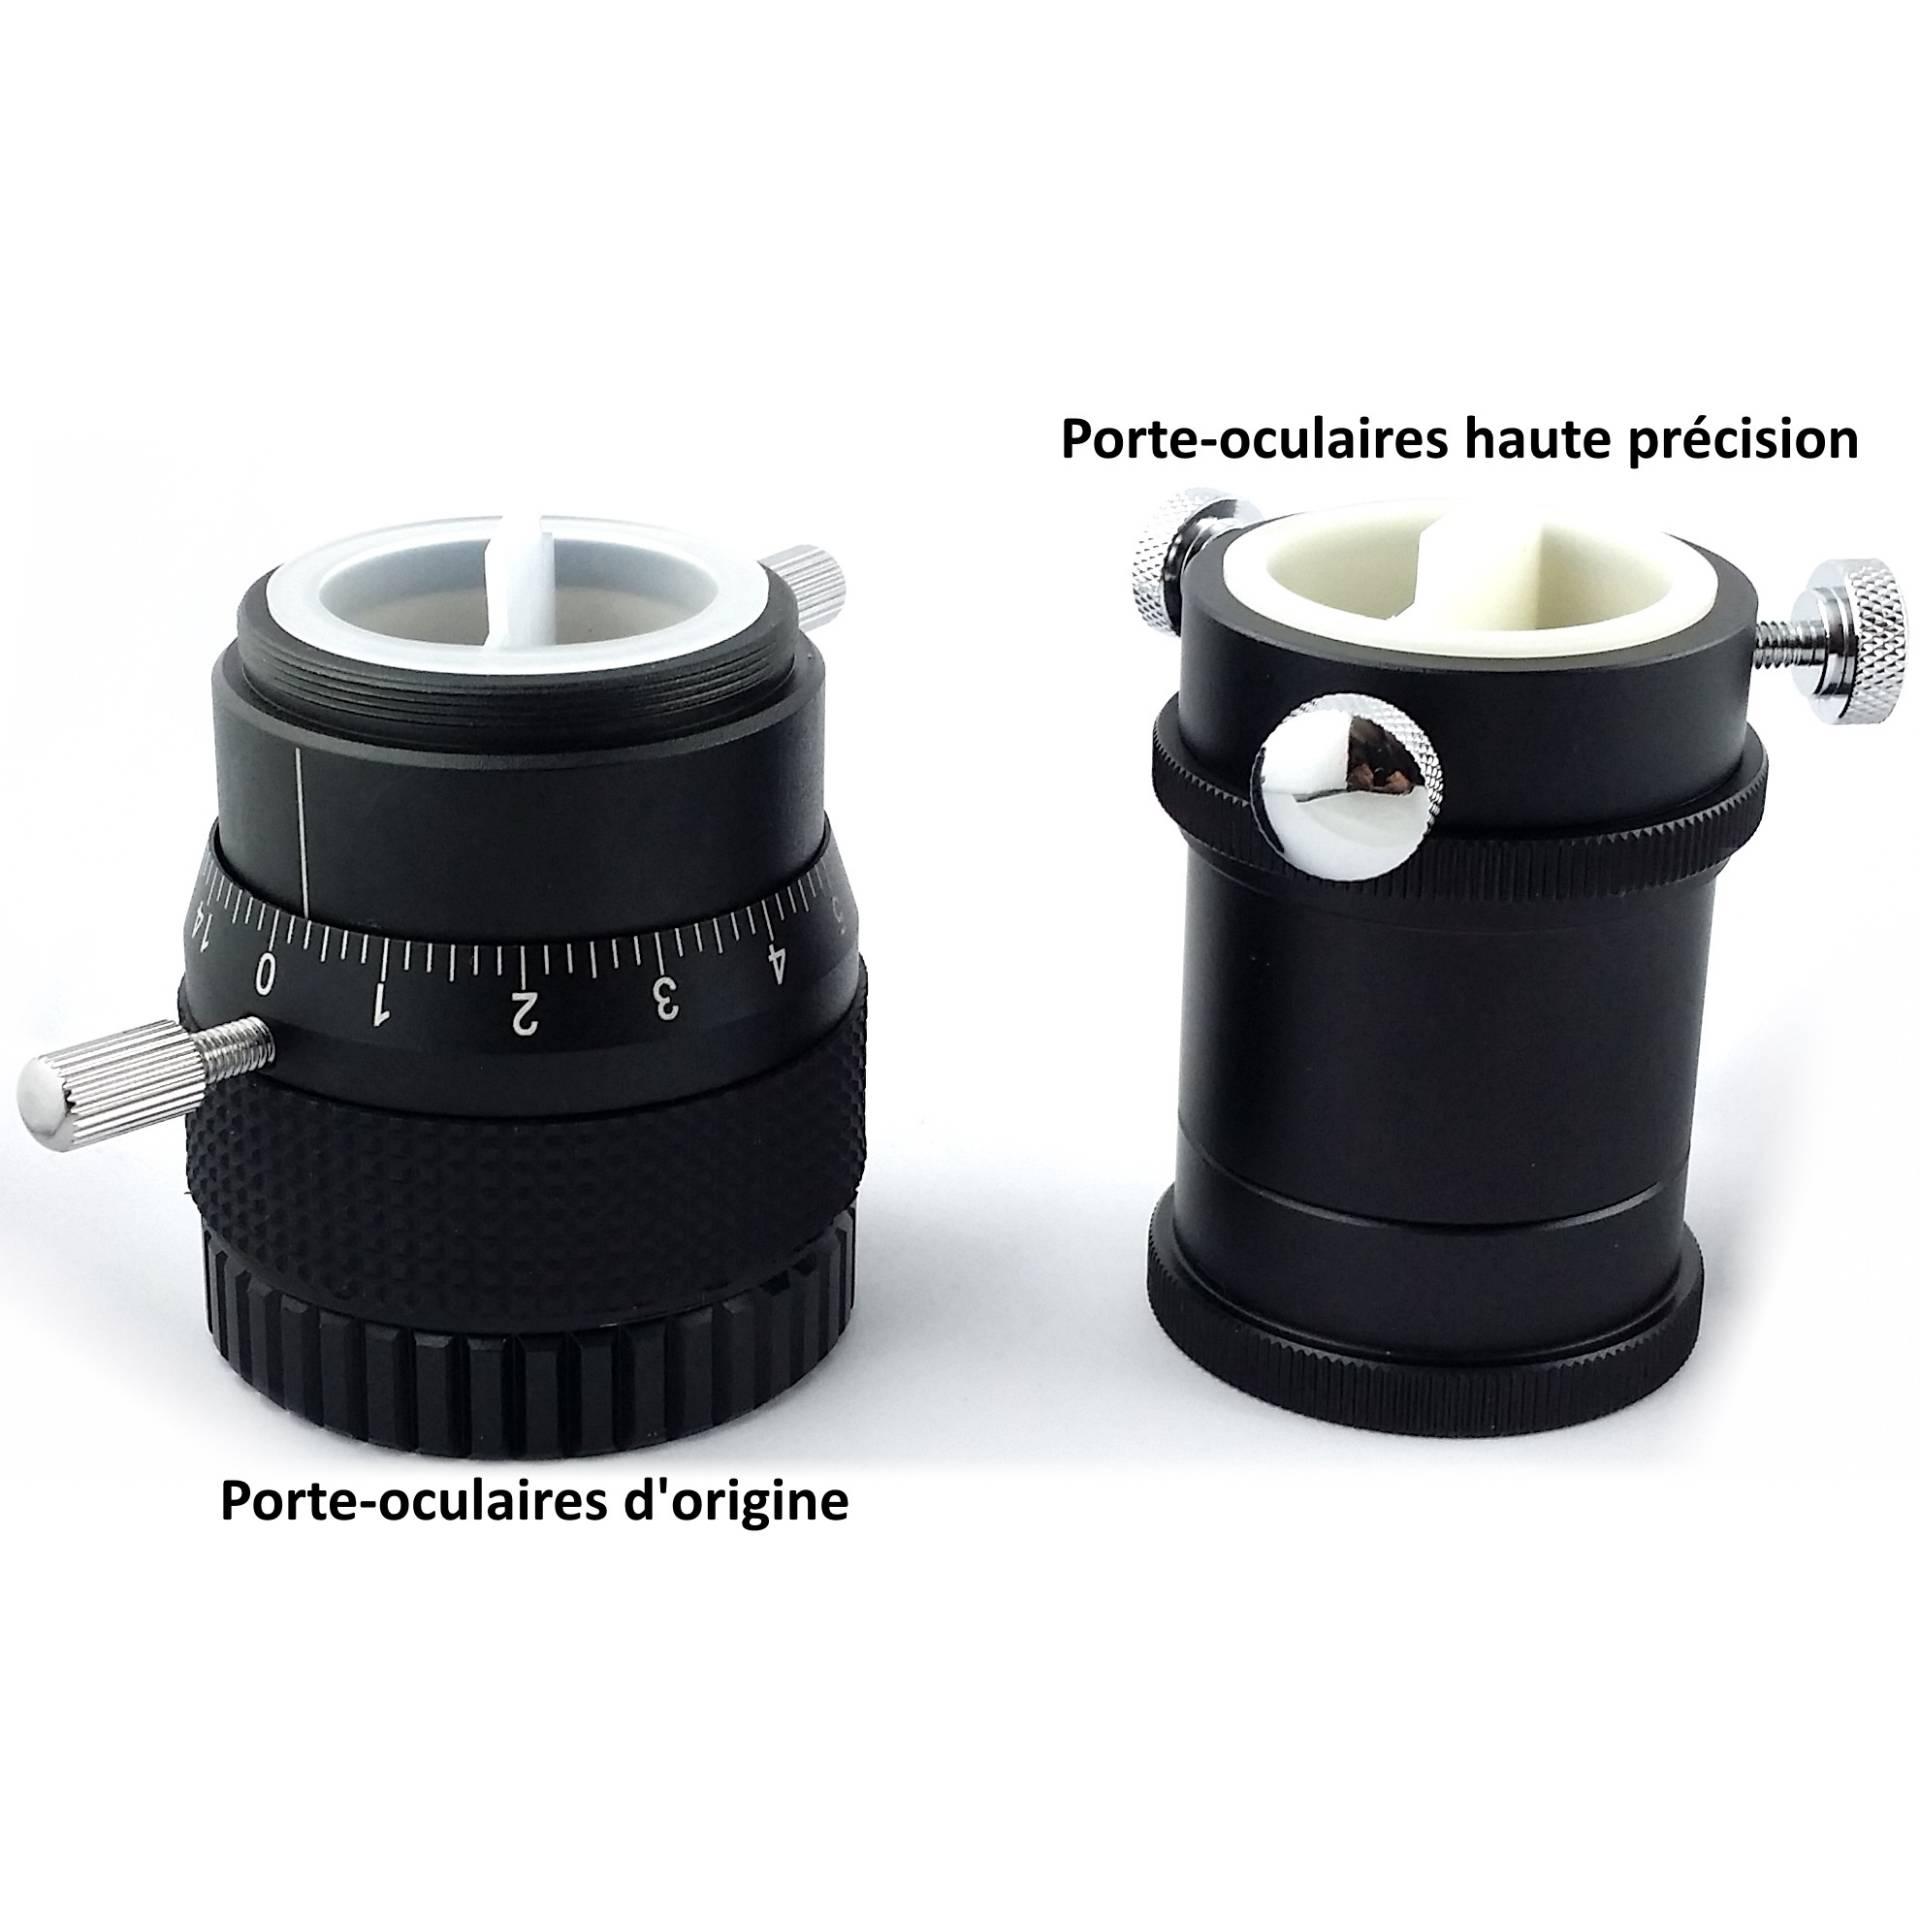 Autoguidage porte oculaires hq pour miniguideur 60 et for Porte pyroplus 60